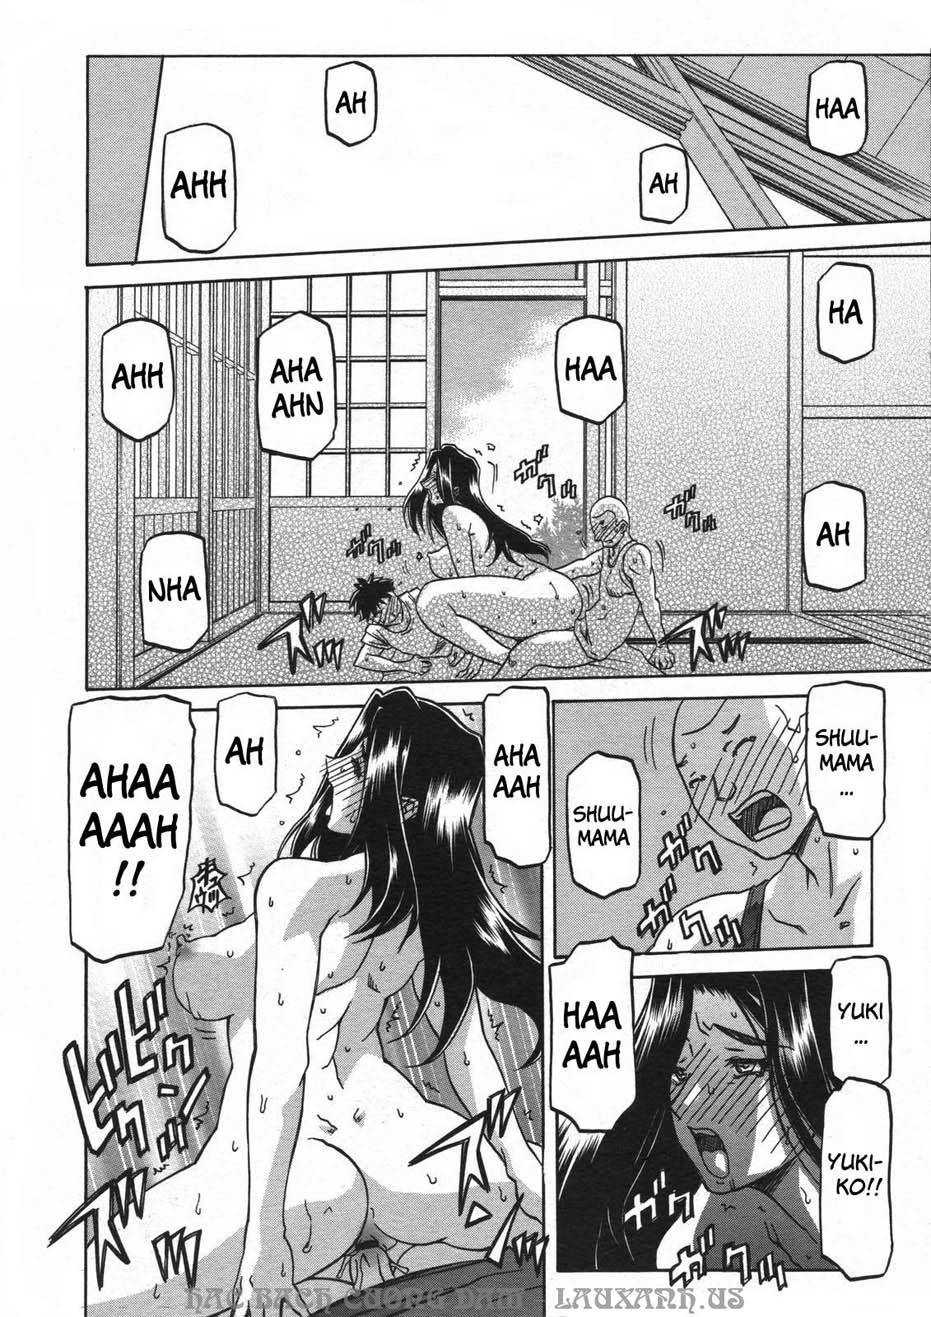 Hình ảnh hentailxers.blogspot.com0111 trong bài viết Manga H Sayuki no Sato